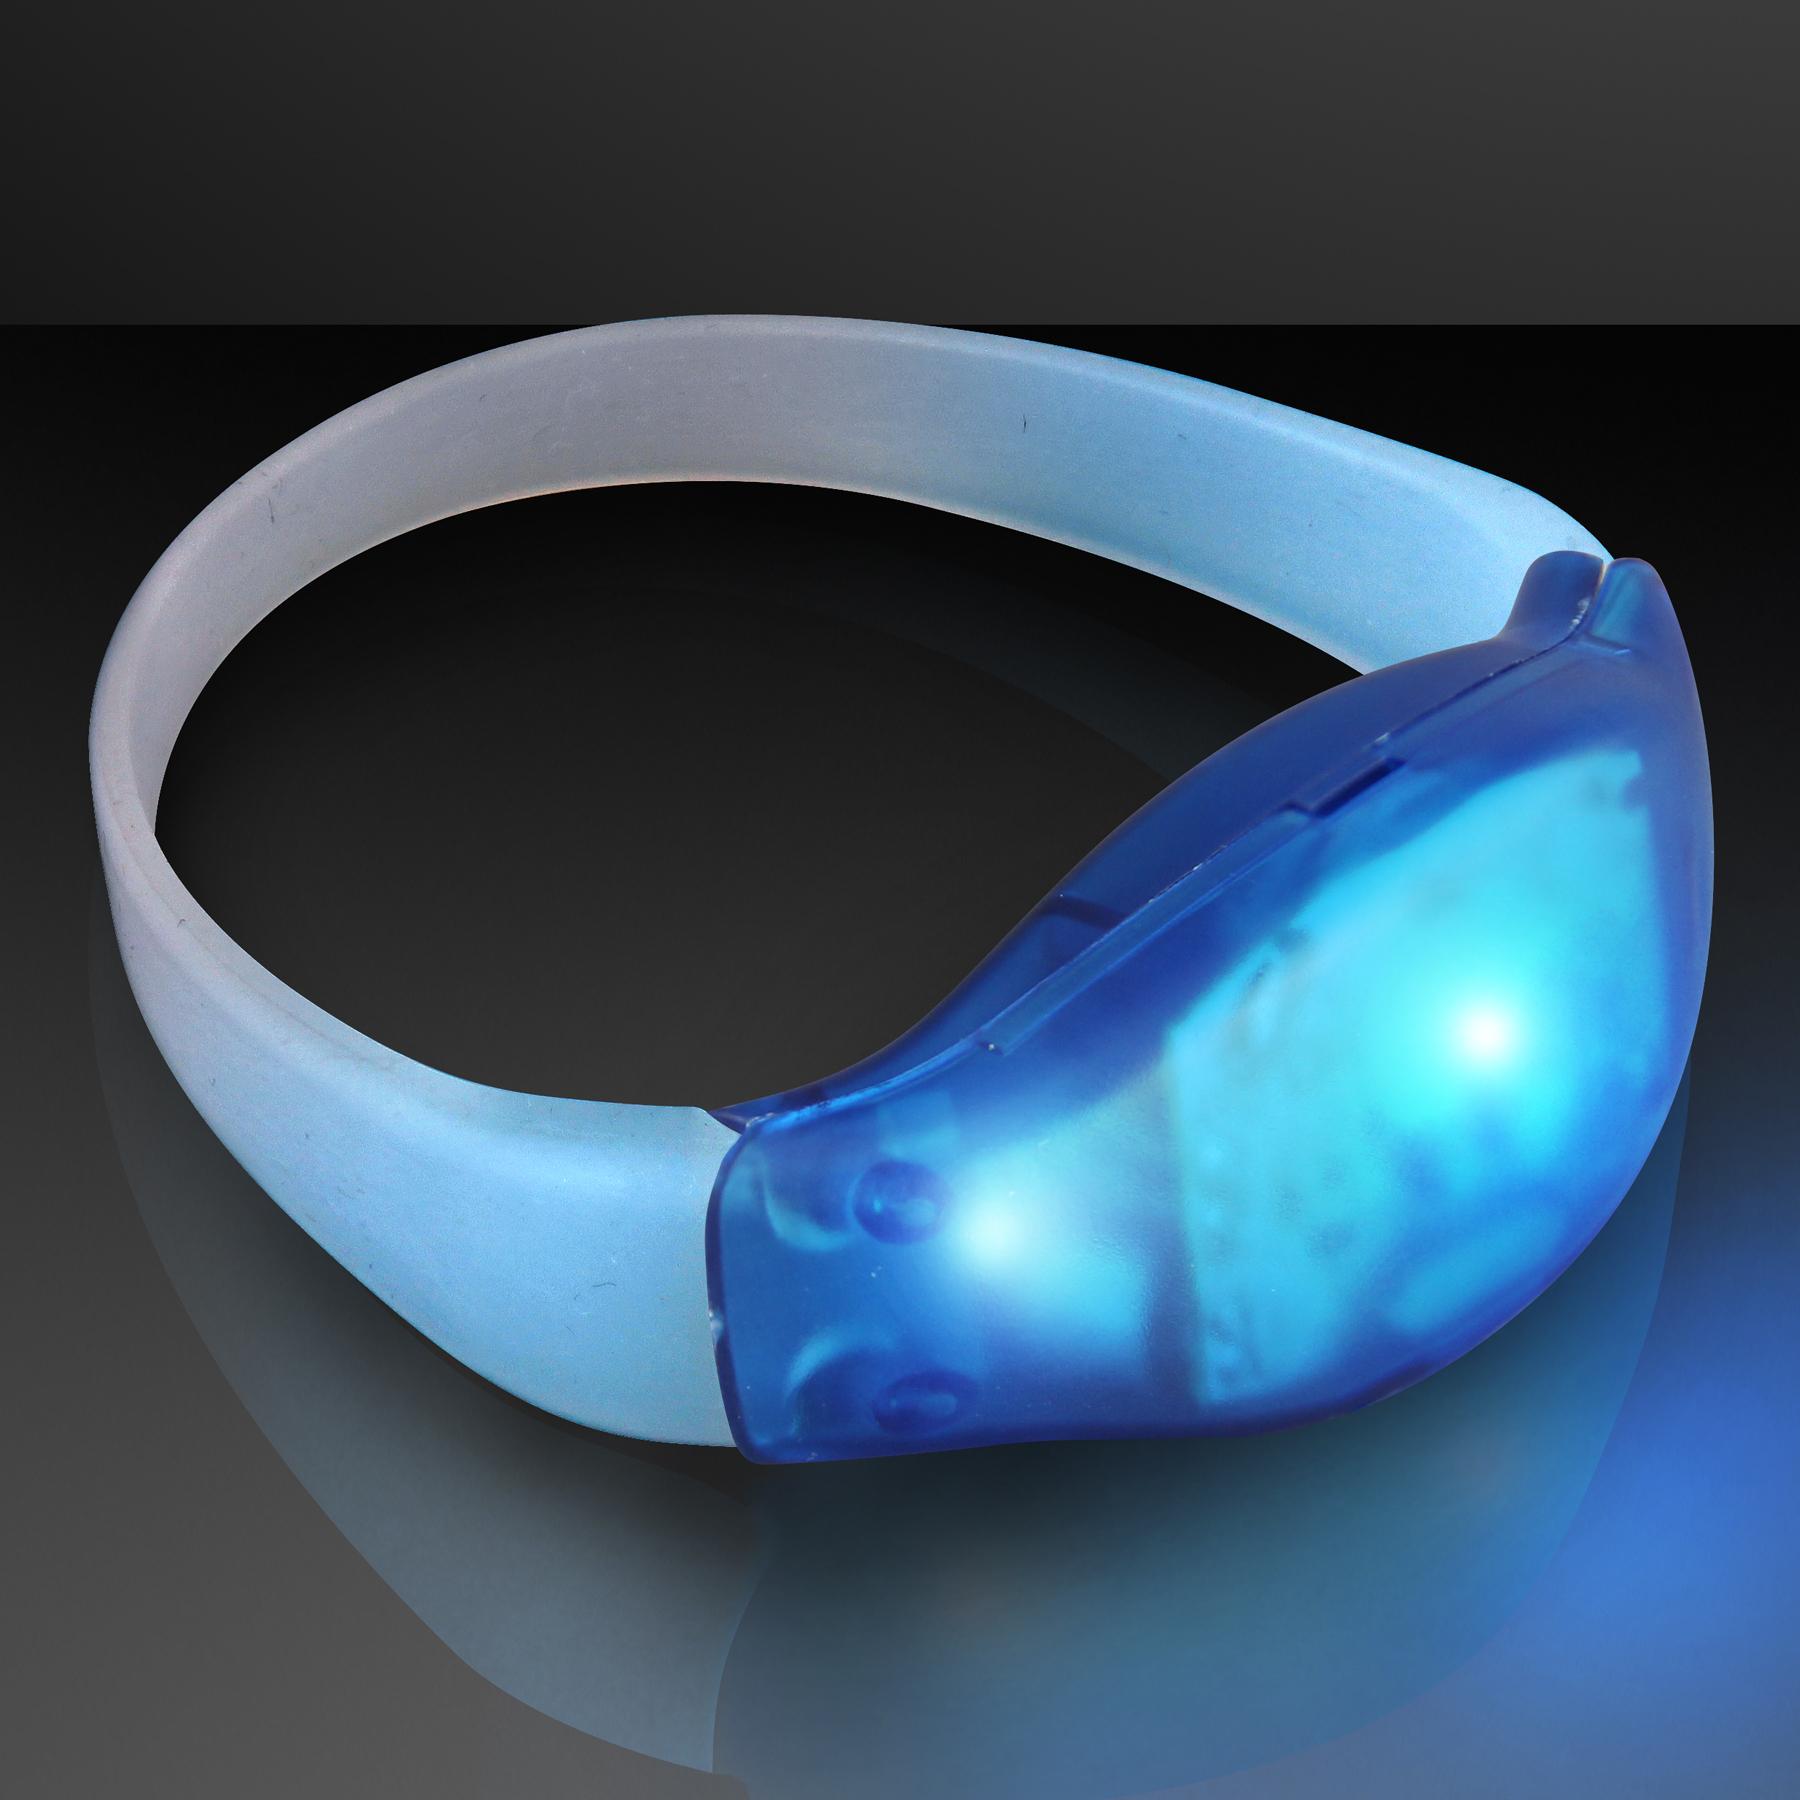 FlashingBlinkyLights Light Up Motion Activated LED Bracelet